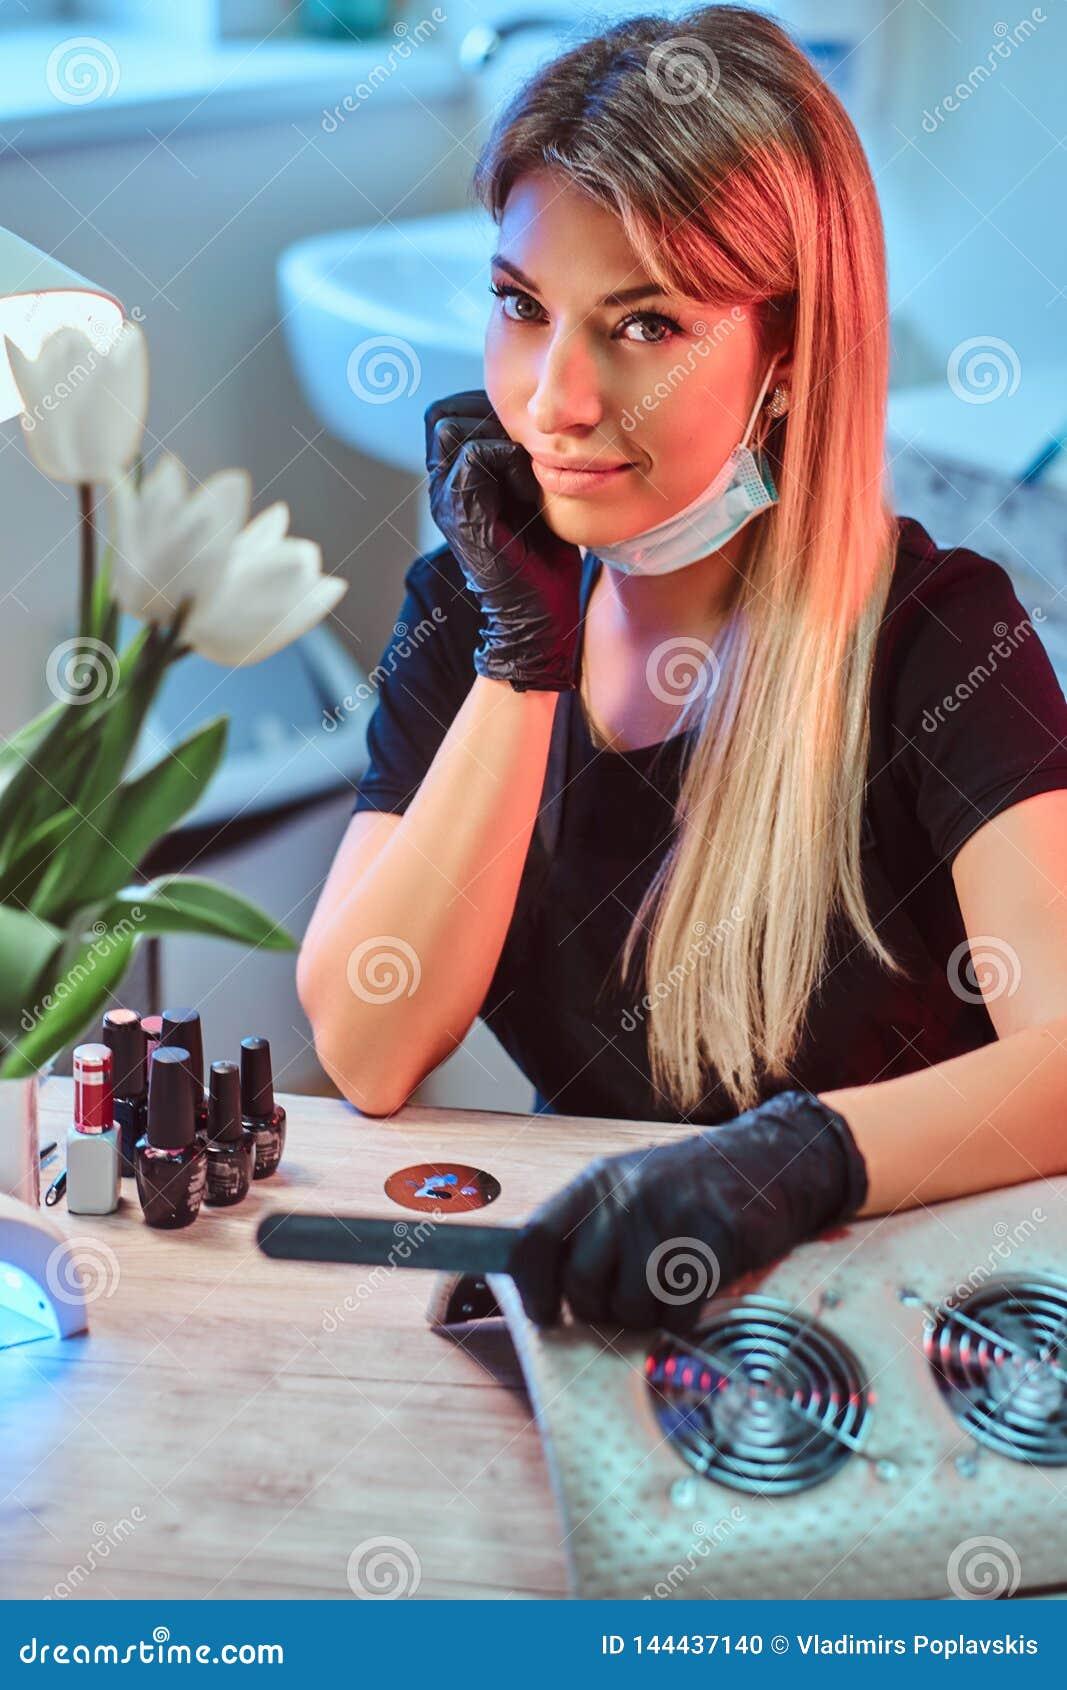 Девушка на работе маникюр заработать моделью онлайн в ливны